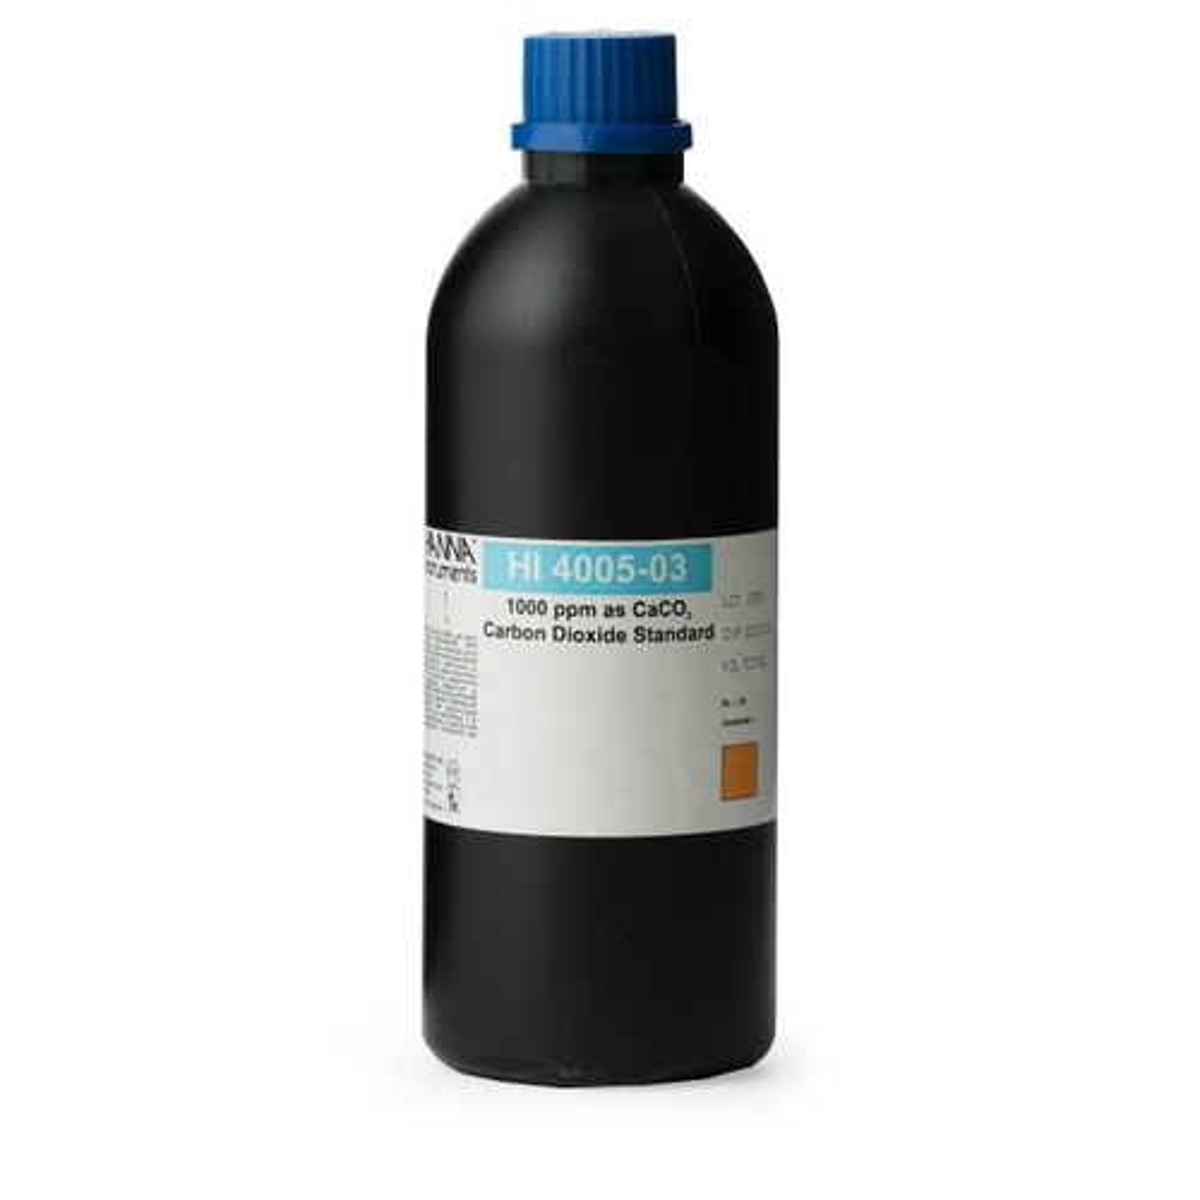 Soluzione standard anidride carbonica 1000 ppm - HI4005-03